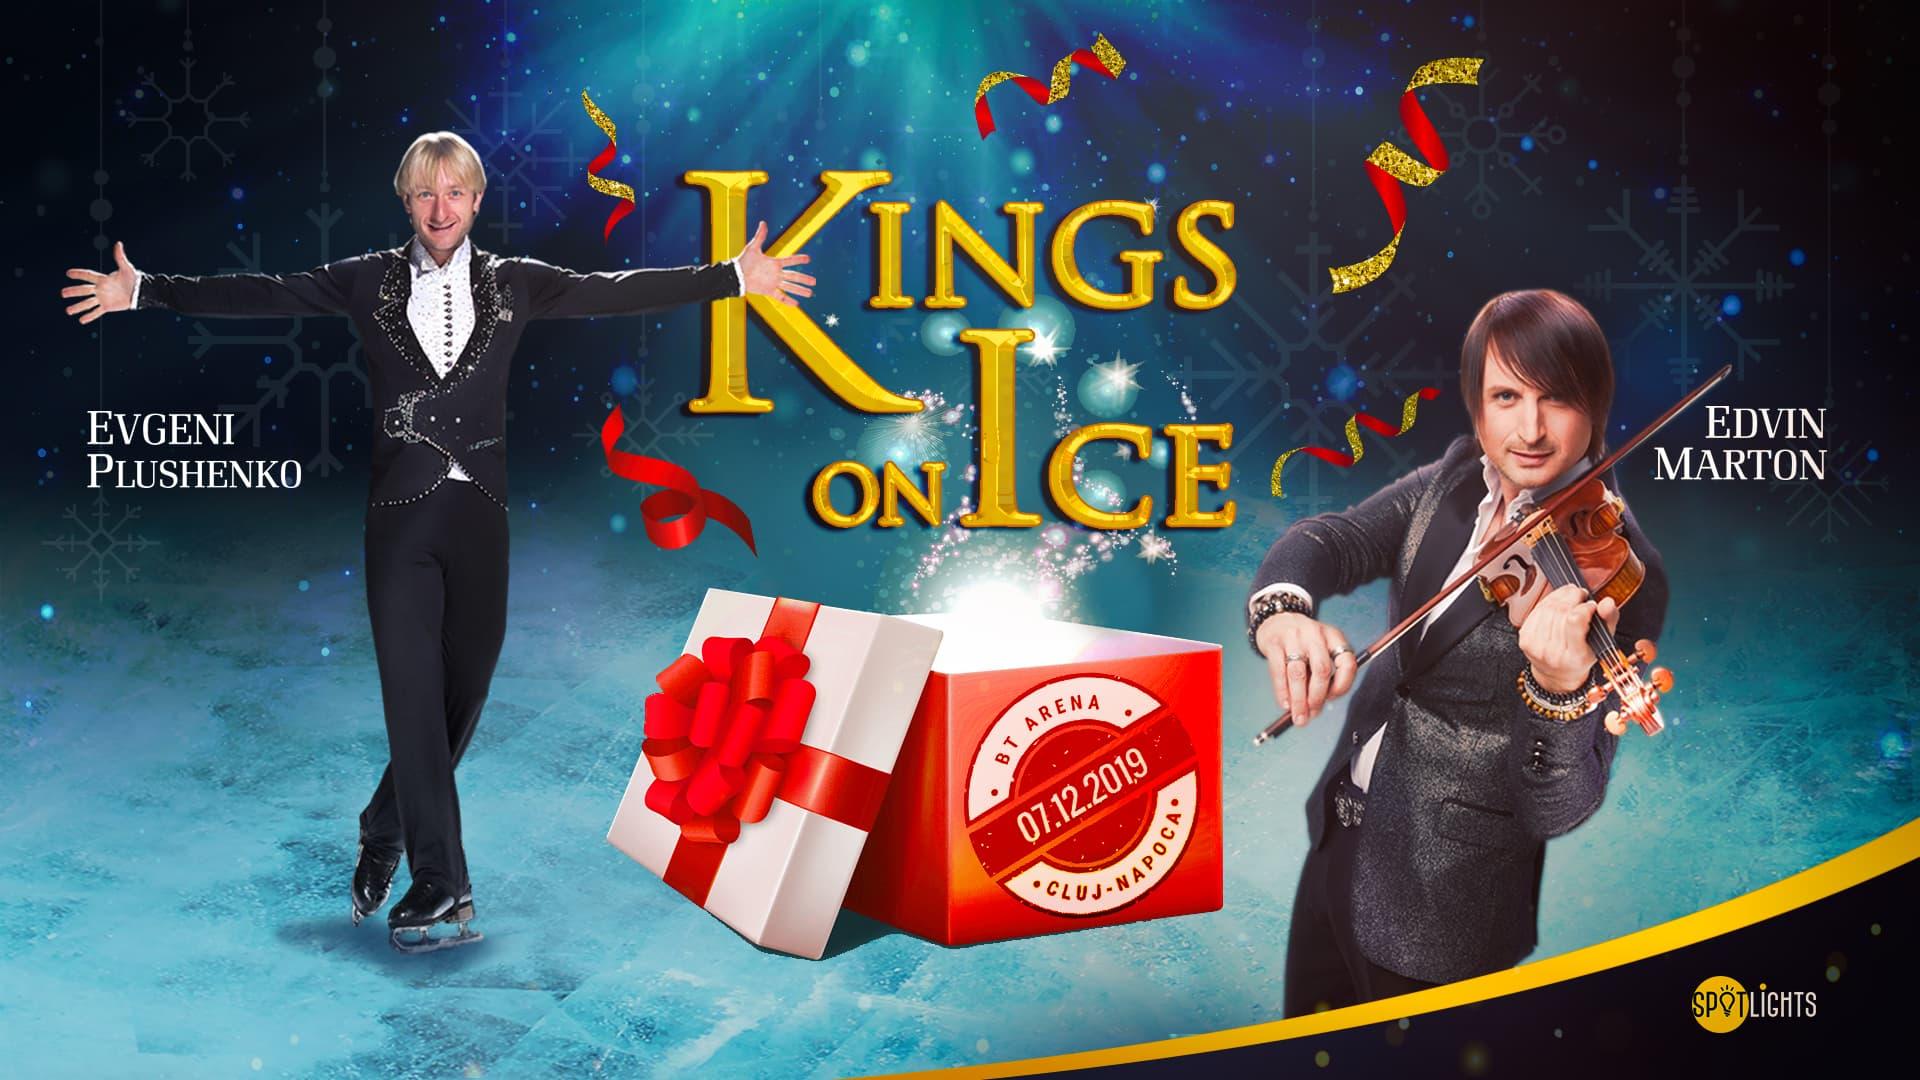 Mai mult decât un cadou. O experiență inedită pe care o poți oferi anul acesta:  Kings On Ice, cel mai spectaculos show de patinaj artistic din lume